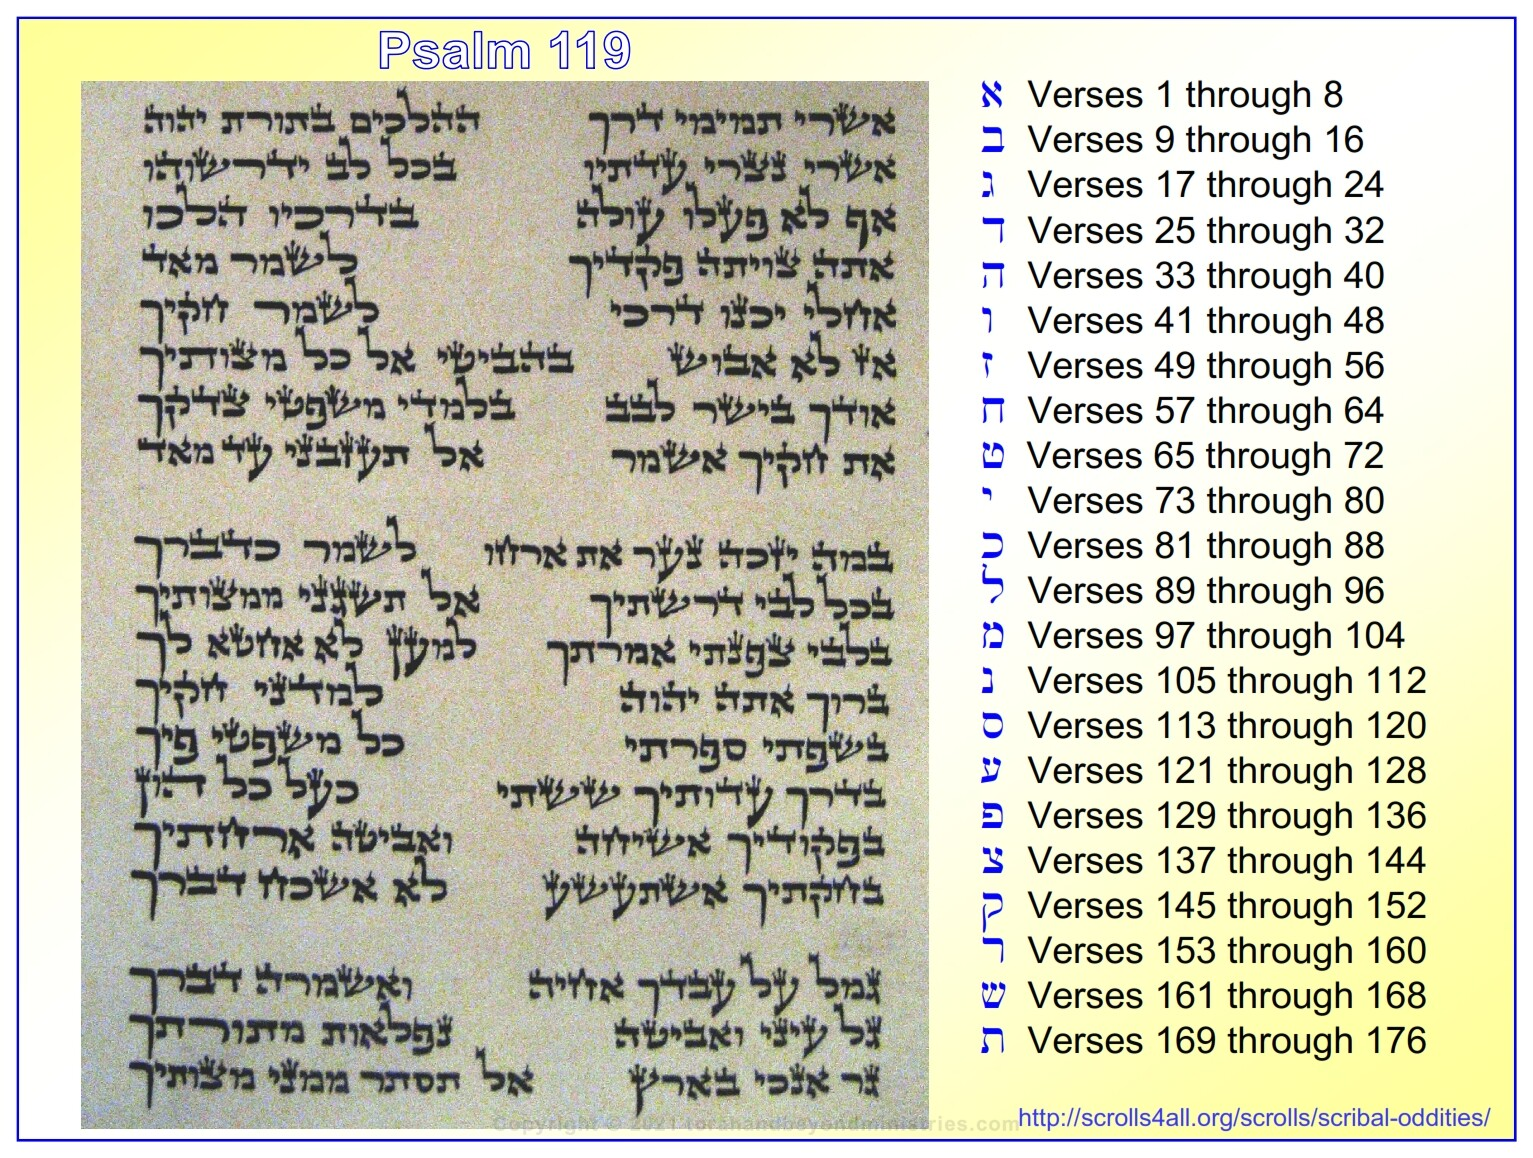 Psalms alef through tav_001